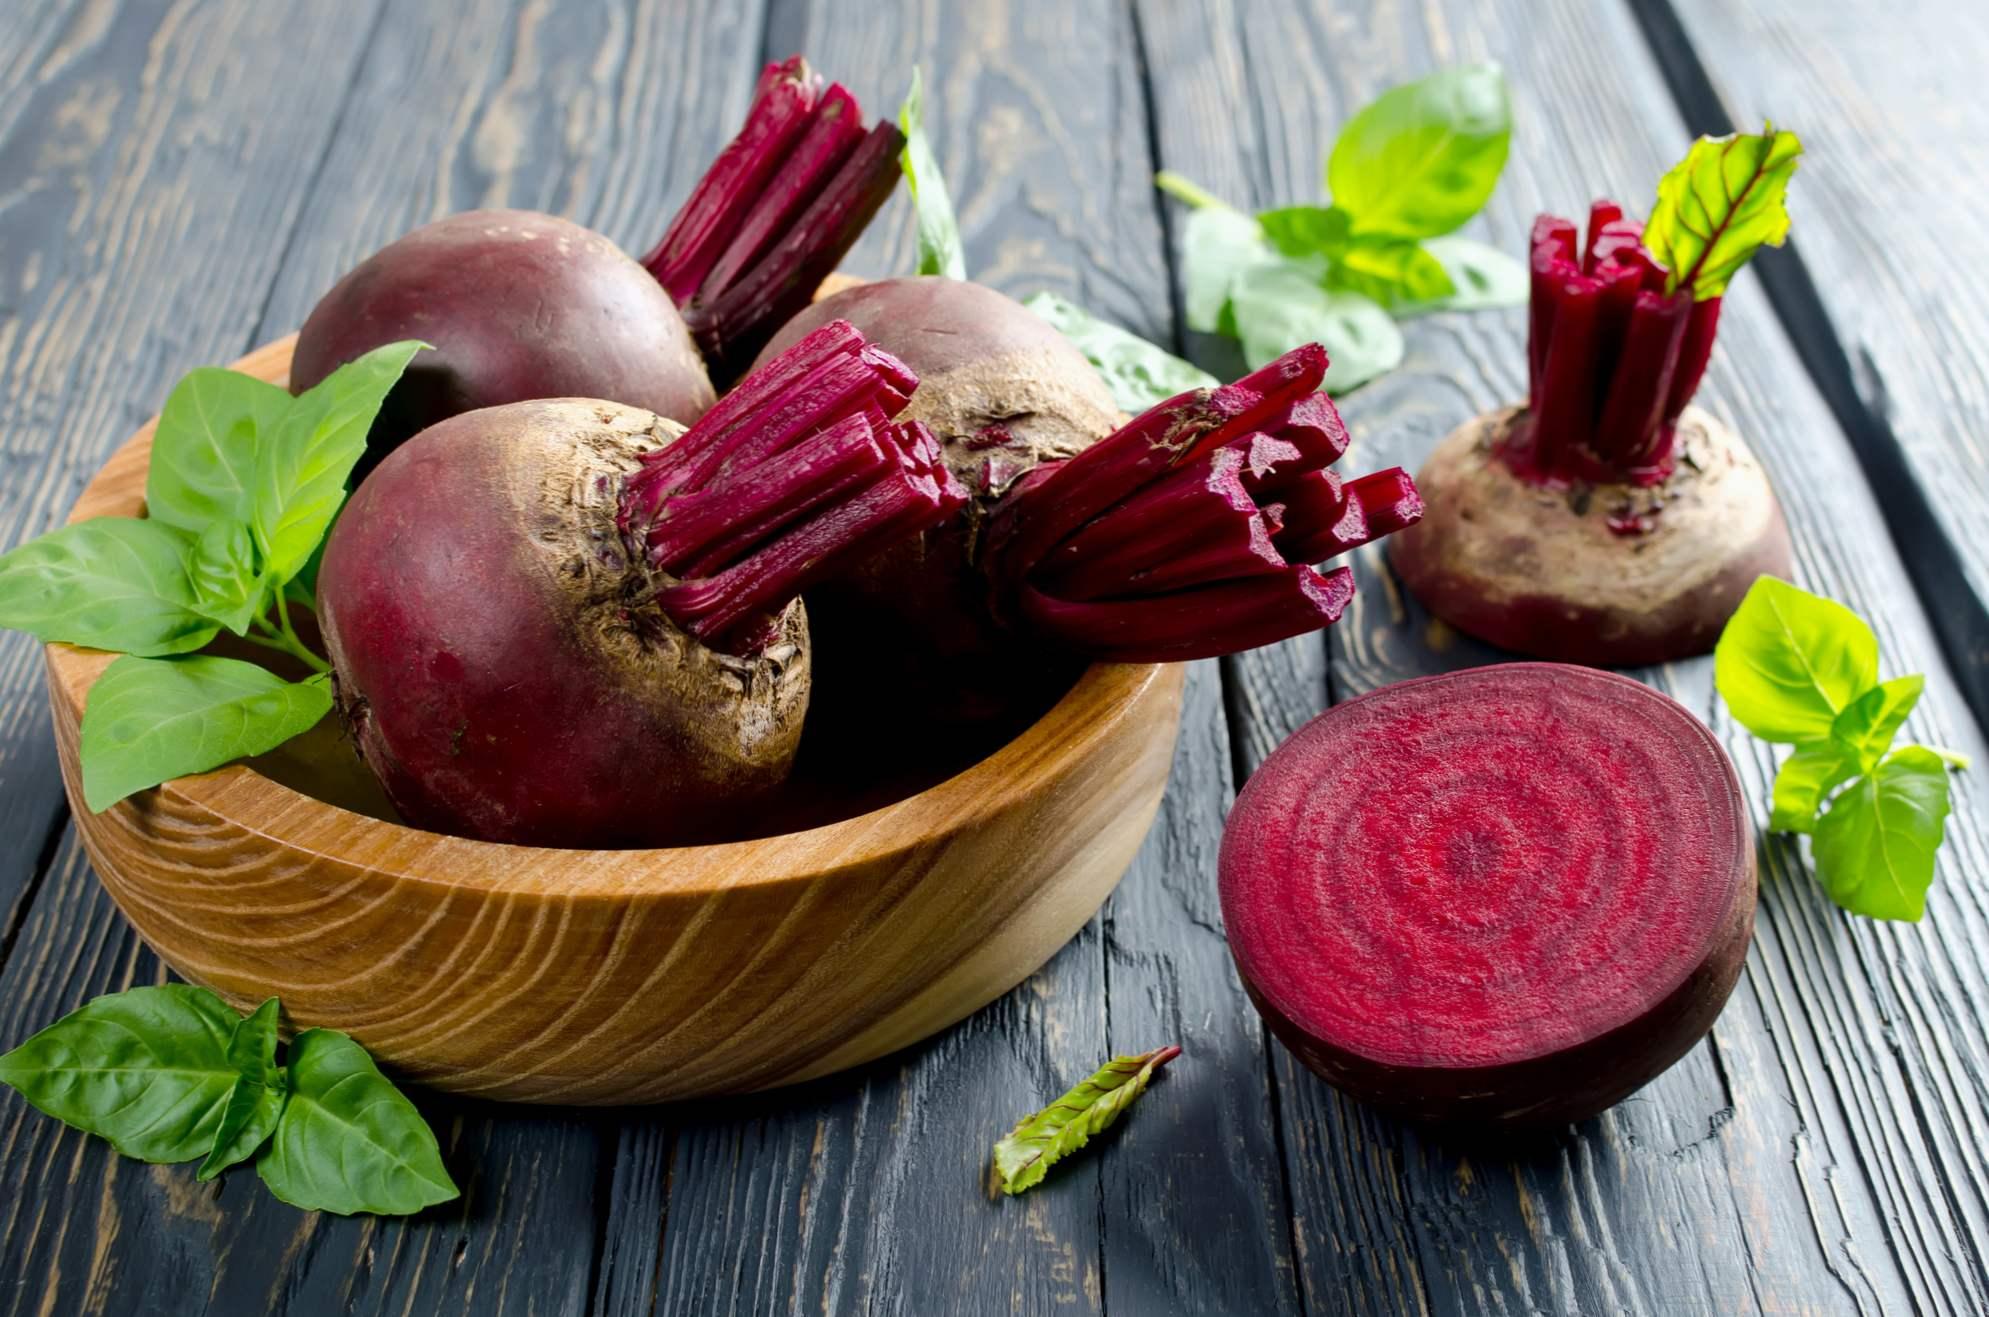 Какая Лучше Свекла На Диете. Свекольная диета для похудения: рецепты блюд и результаты